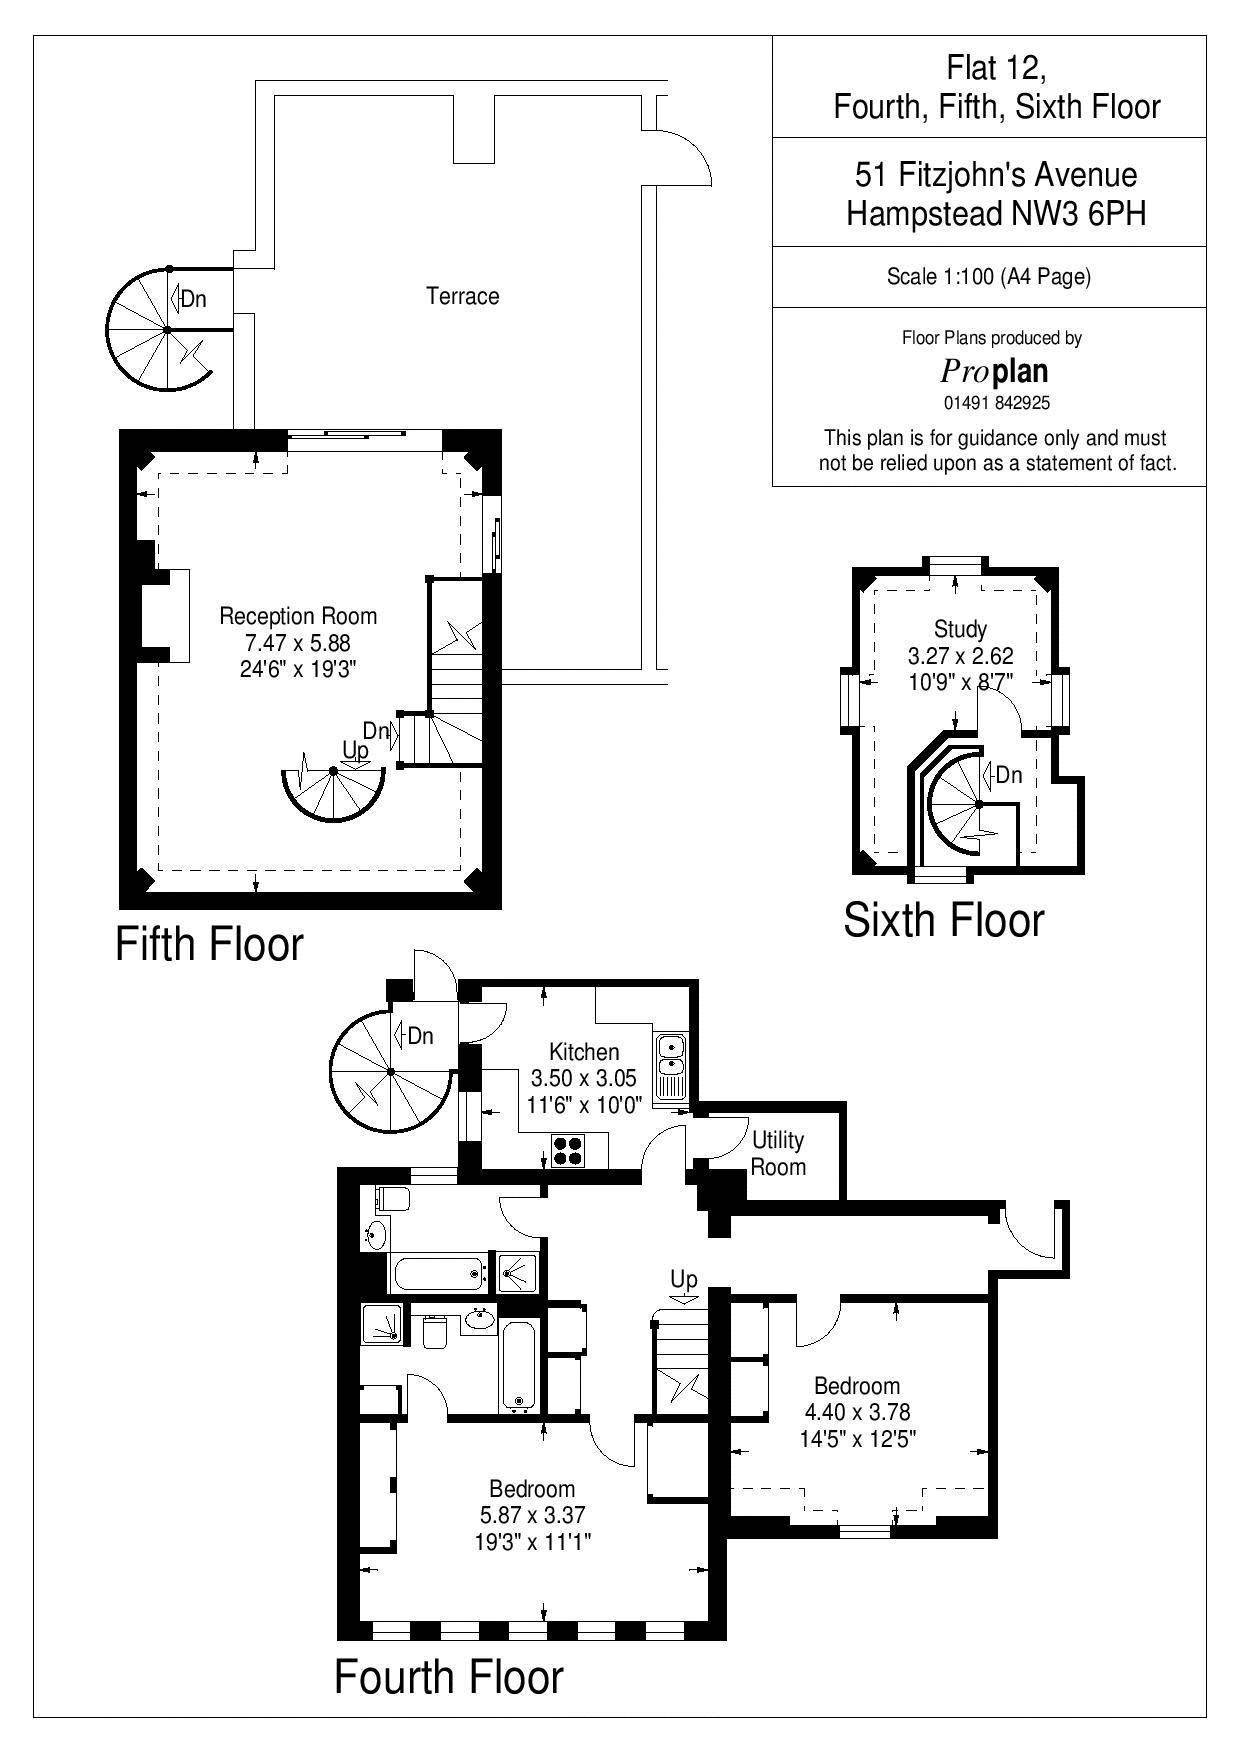 View floorplans